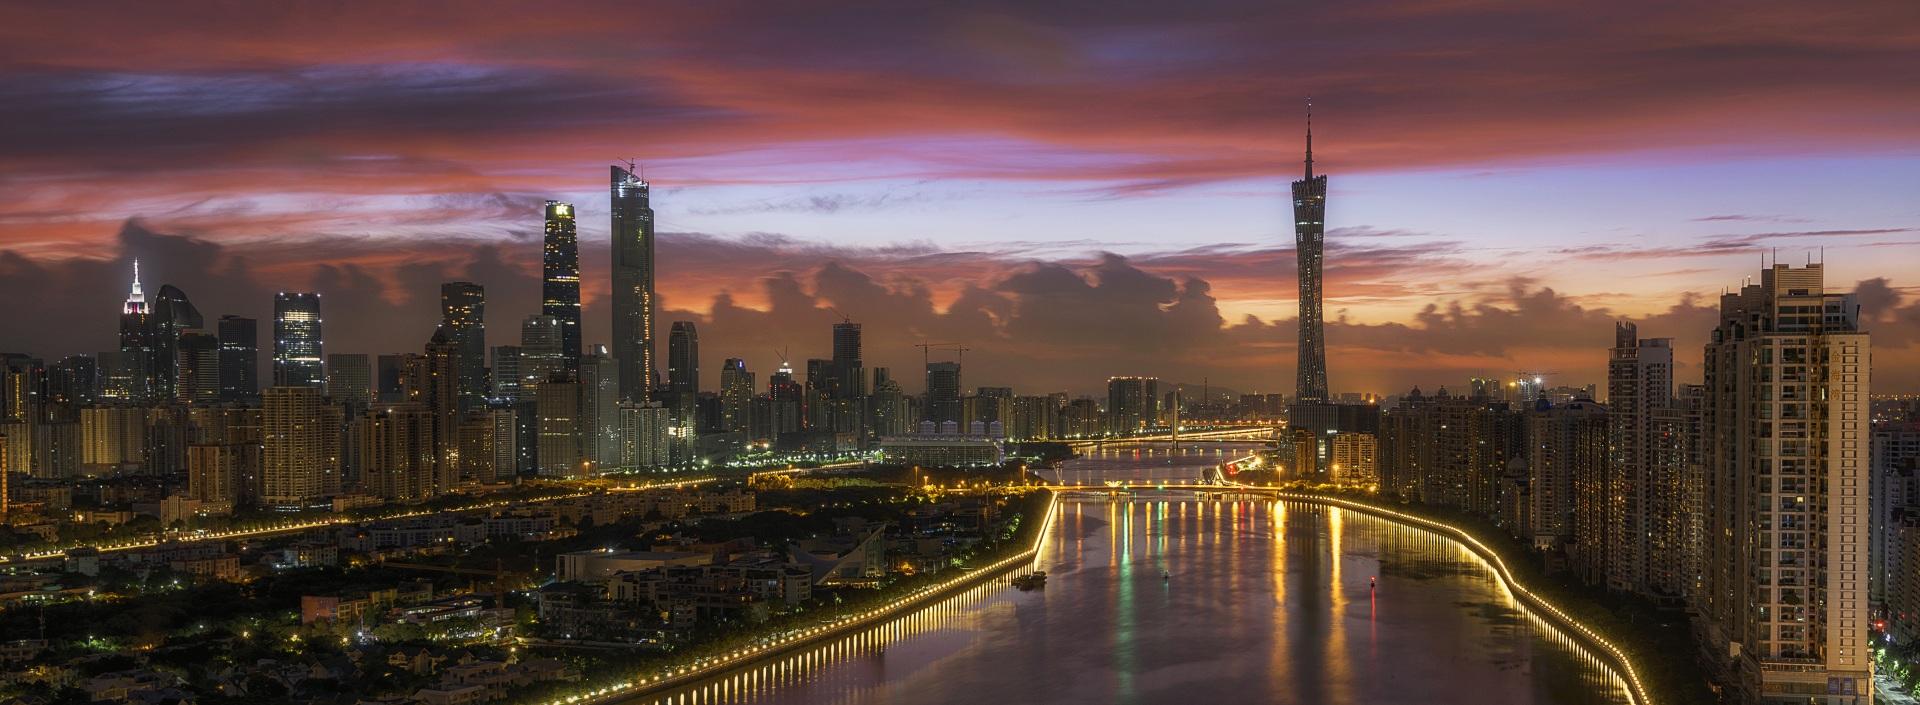 GDP of China's Guangzhou tops 2.5 trln yuan in 2020